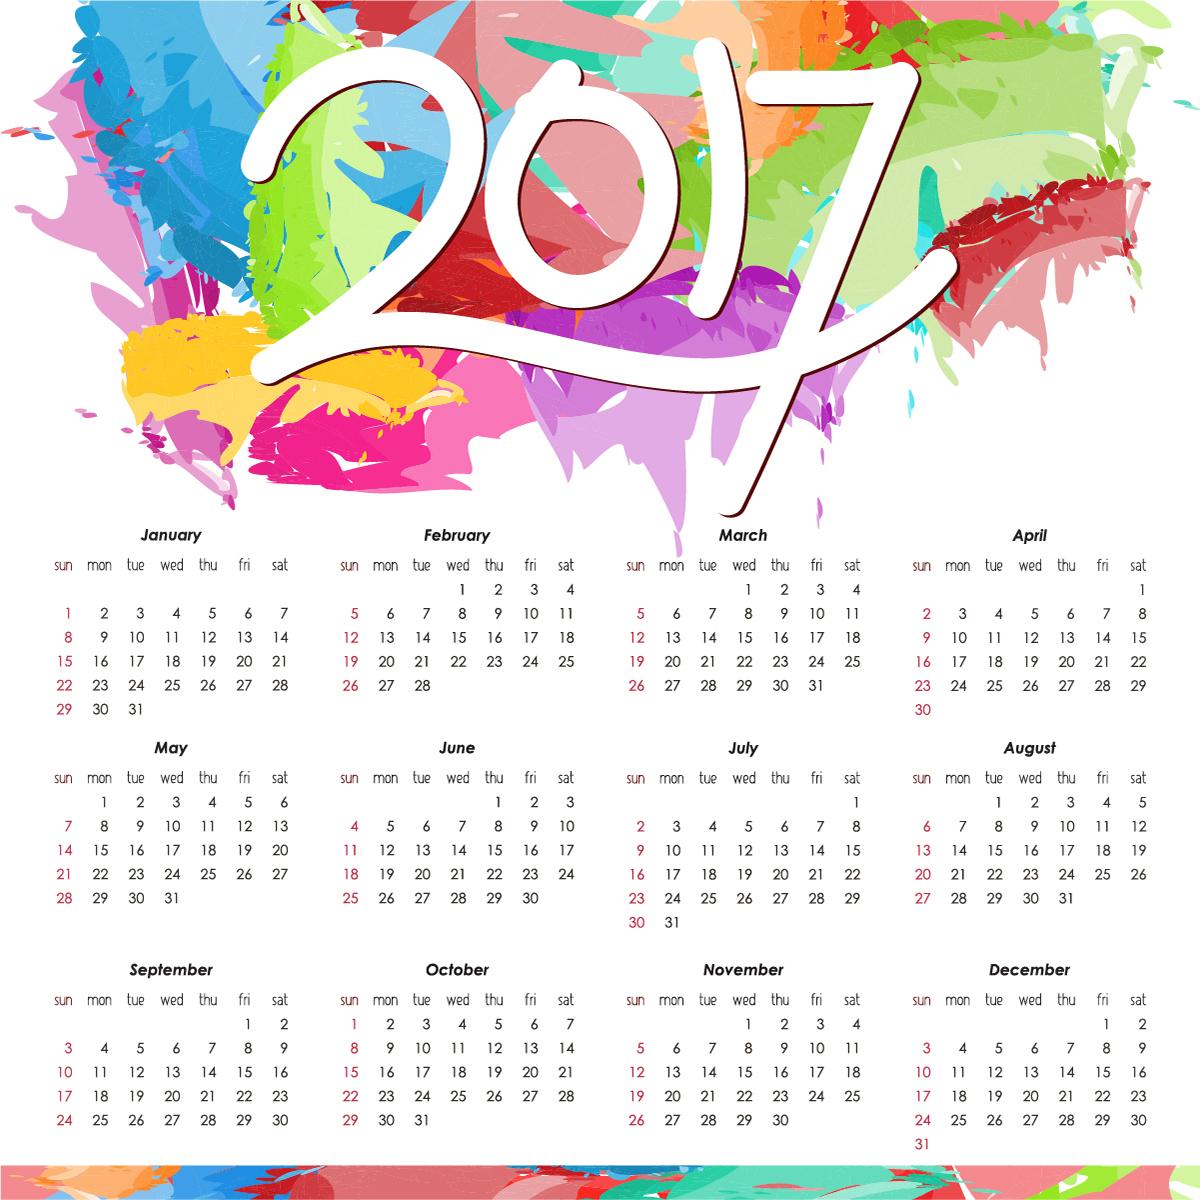 2017 Calendar Templates And Printable - Printable Monthly Calendar for Cute Yearly Calendar Template